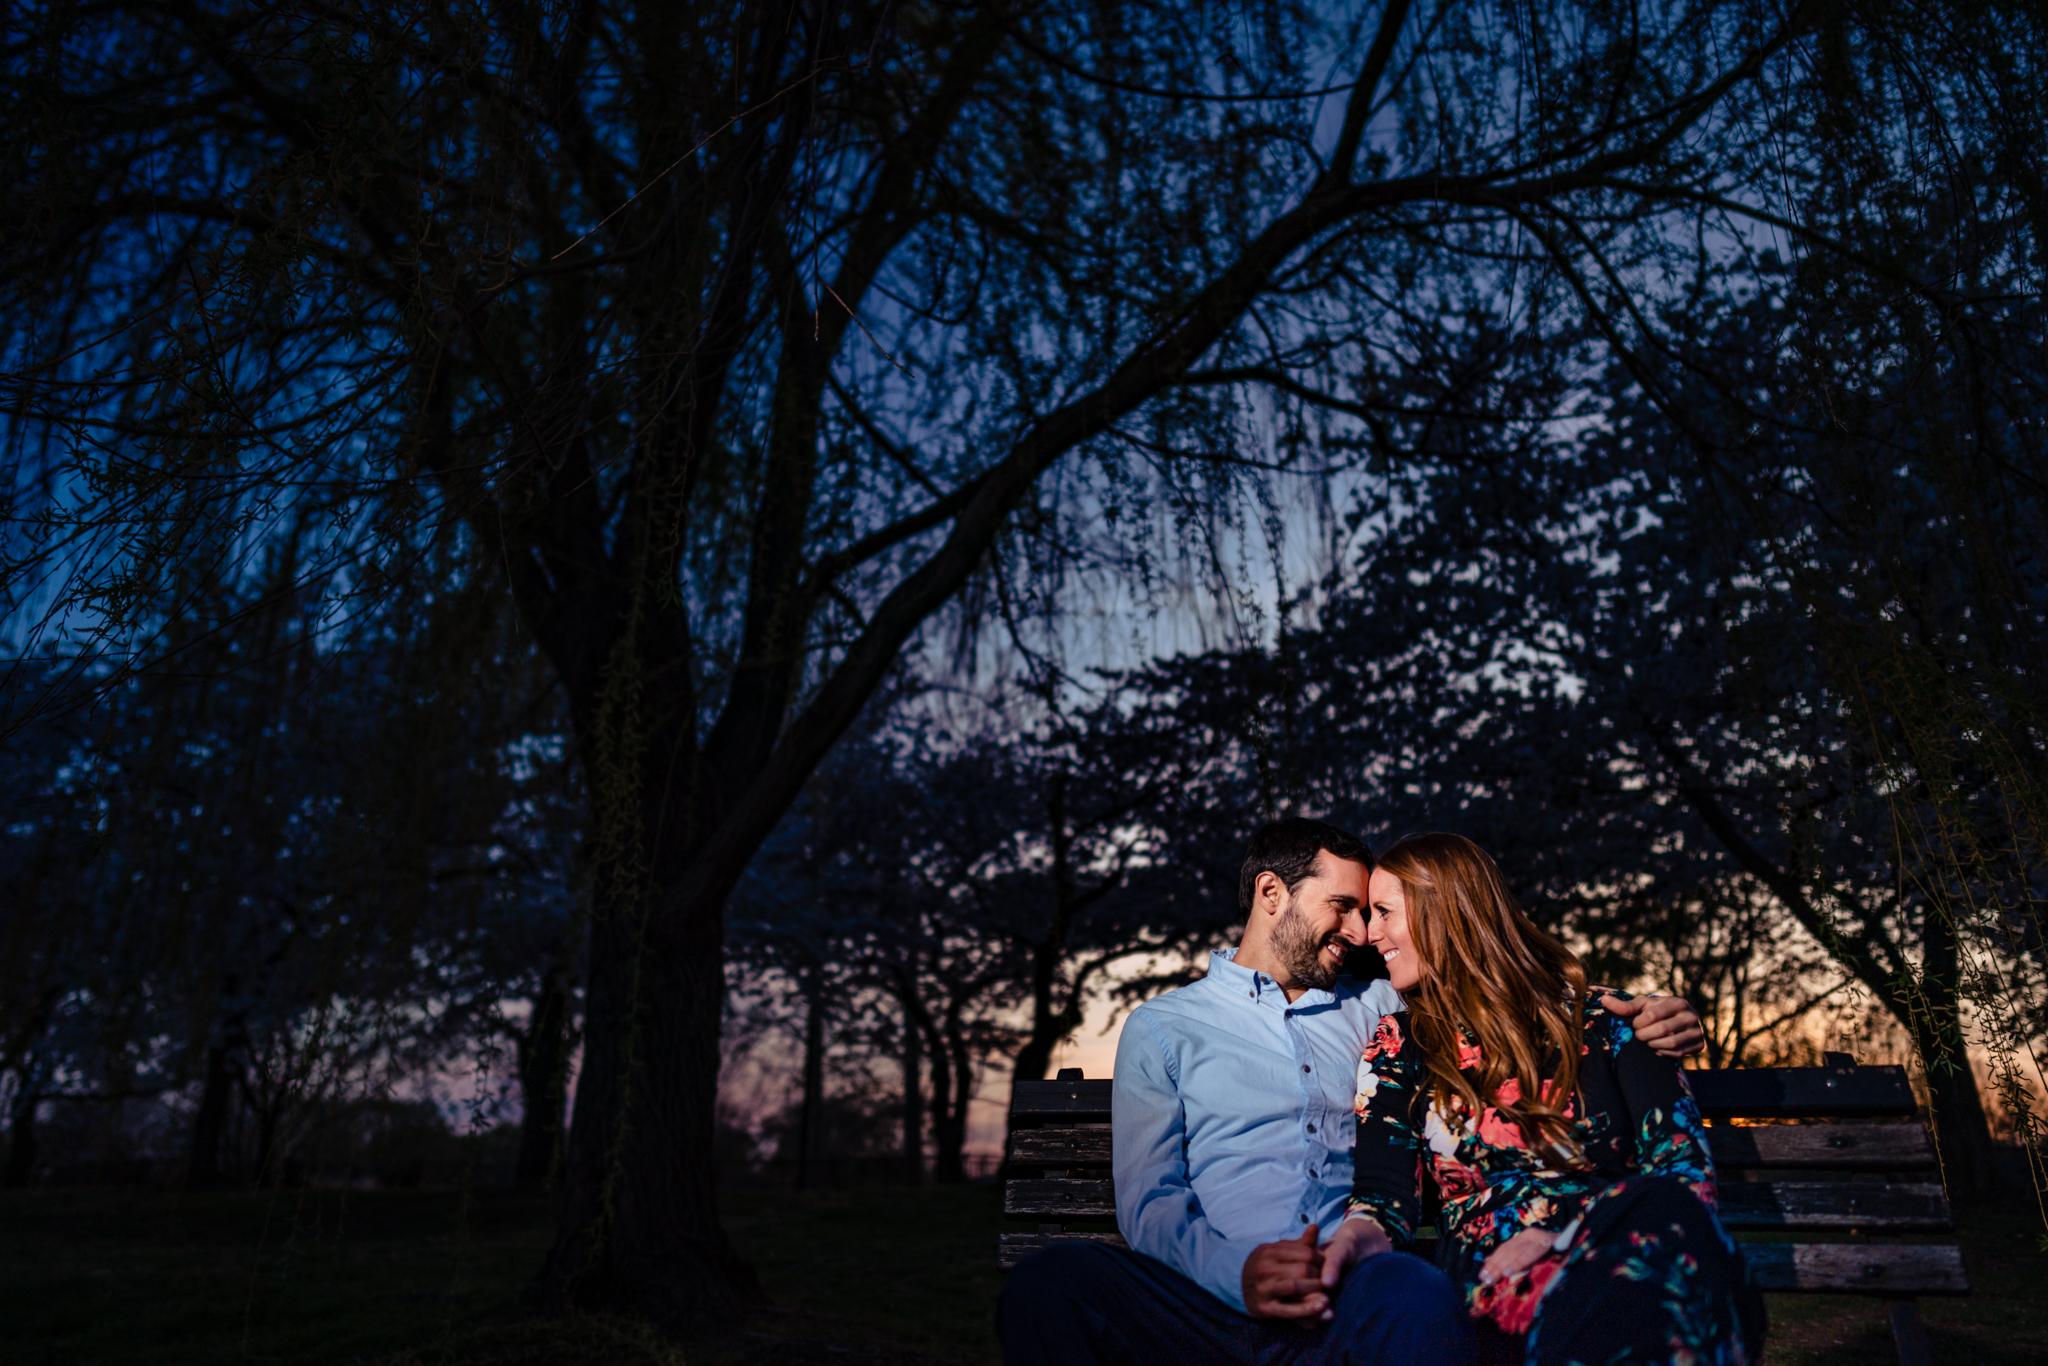 Laura-Darin-Washington-DC-Engagement-Cherry-Blossom-16.jpg